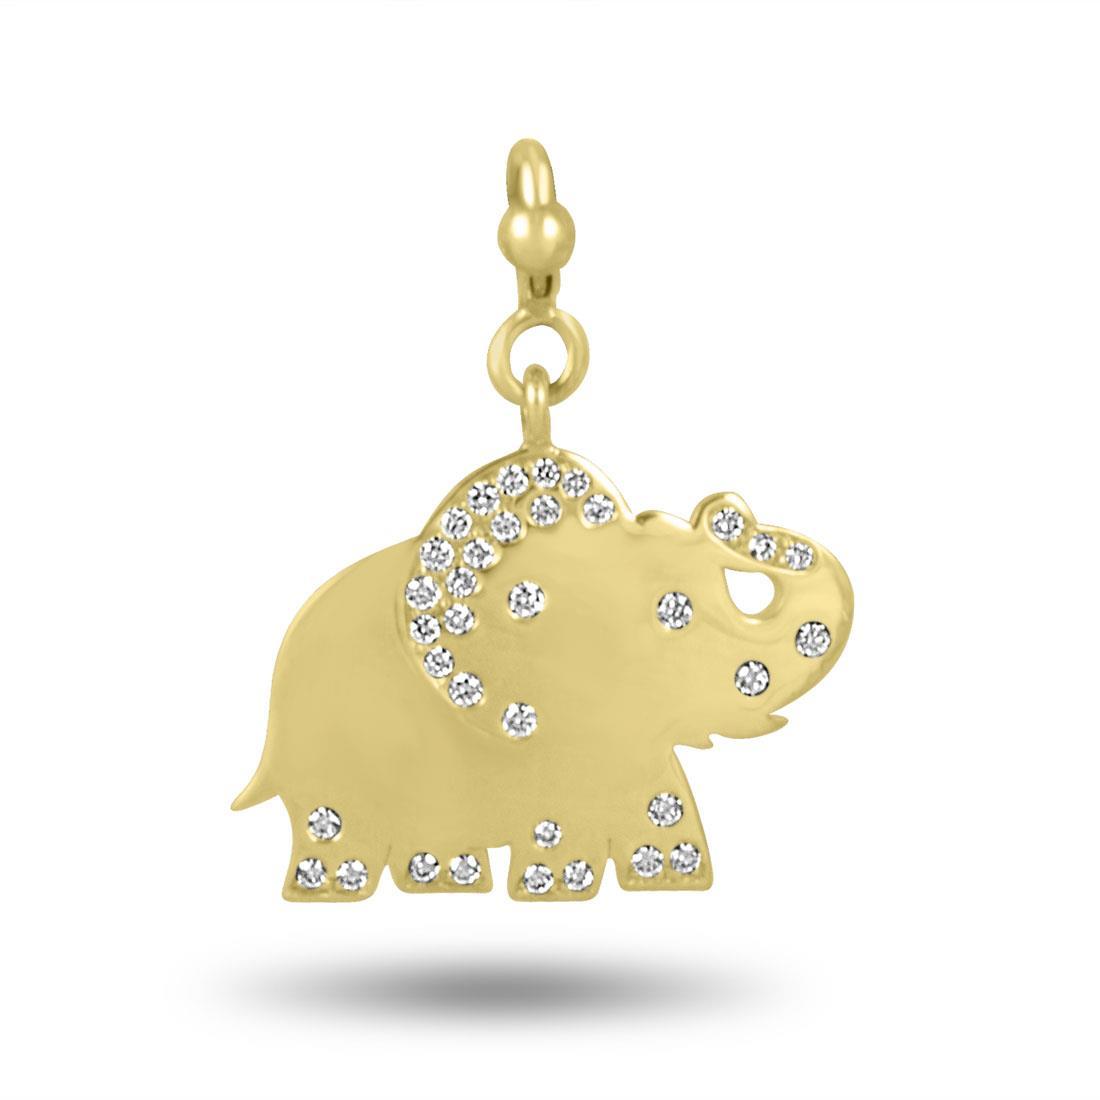 Ciondolo Pasquale Bruni in oro giallo con diamanti - PASQUALE BRUNI